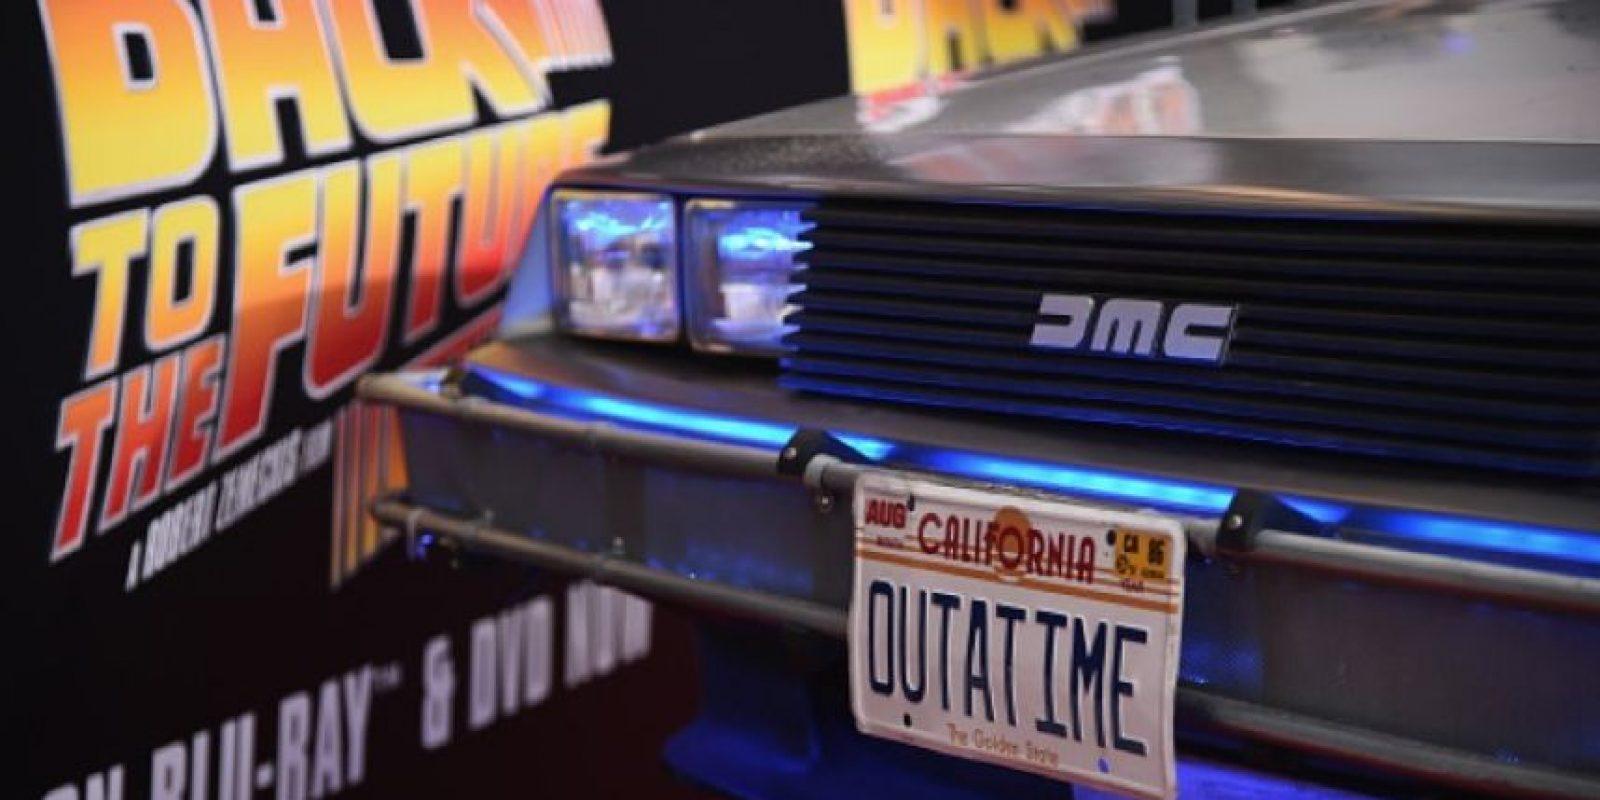 """El vehículo es emblemático de la saga cinematográfica """"Volver al Futuro"""". Foto:Getty Images"""